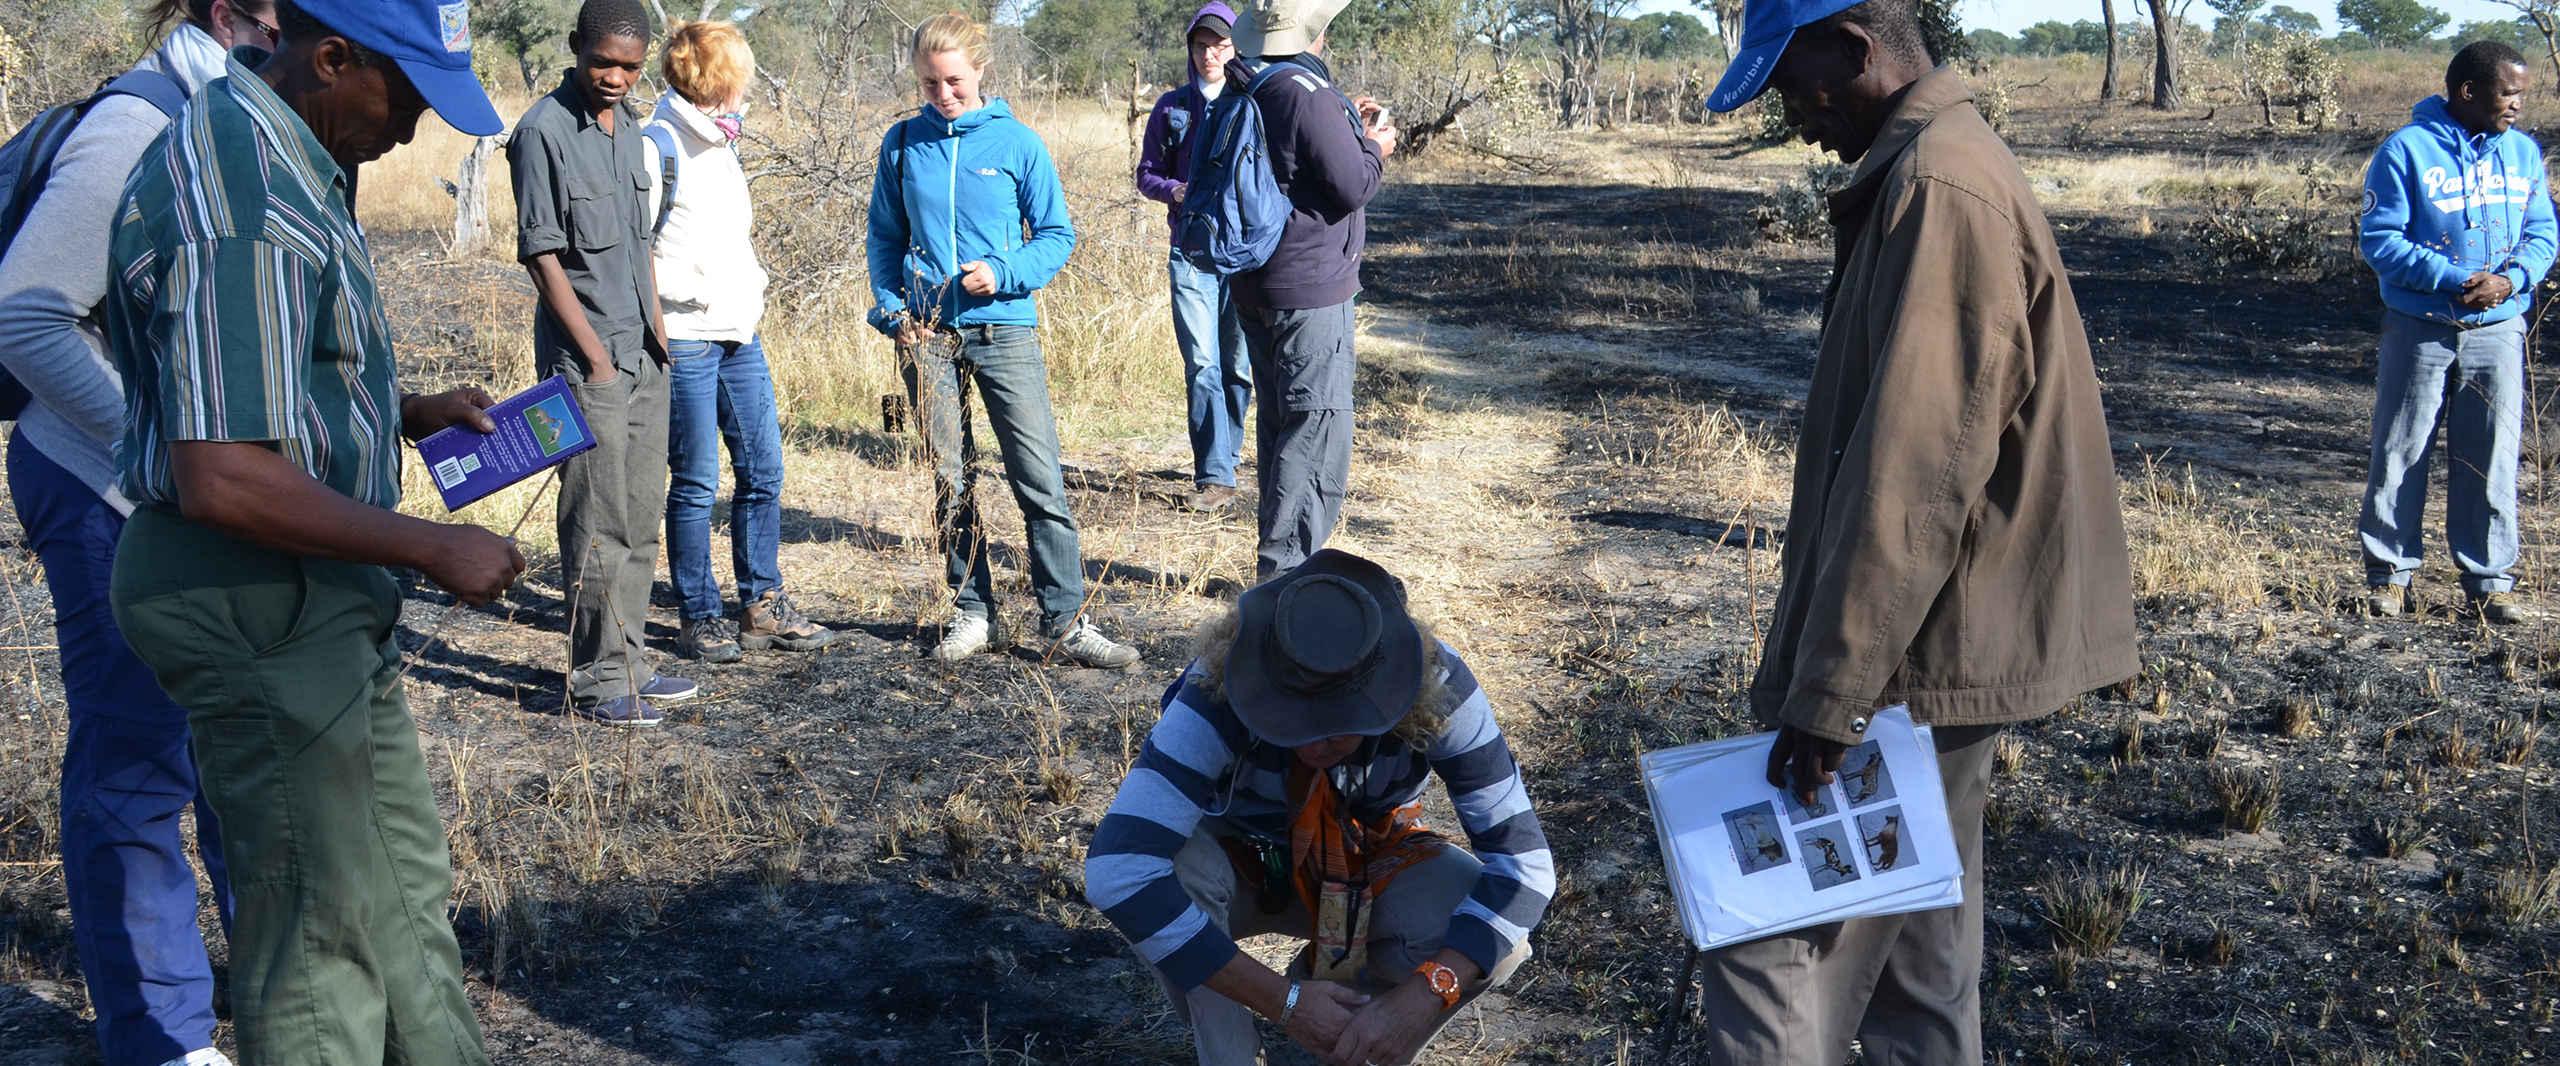 Reisegruppe erlernt Faehigkeiten im Rahmen des Spurenleserprojektes der Khwe